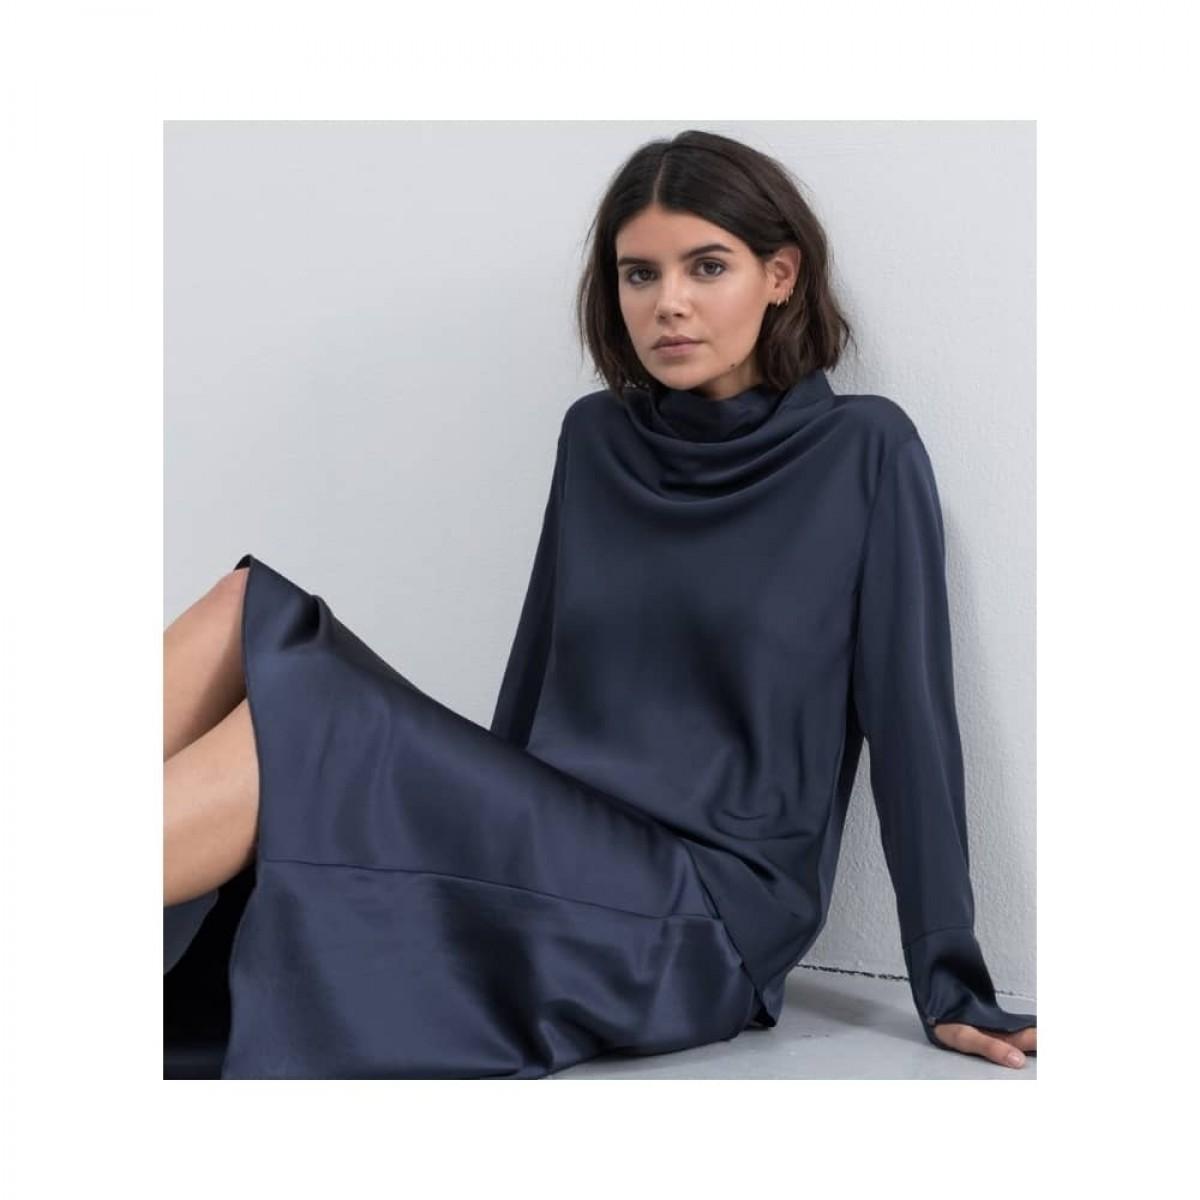 ayumi bluse - blue grey - siddende model